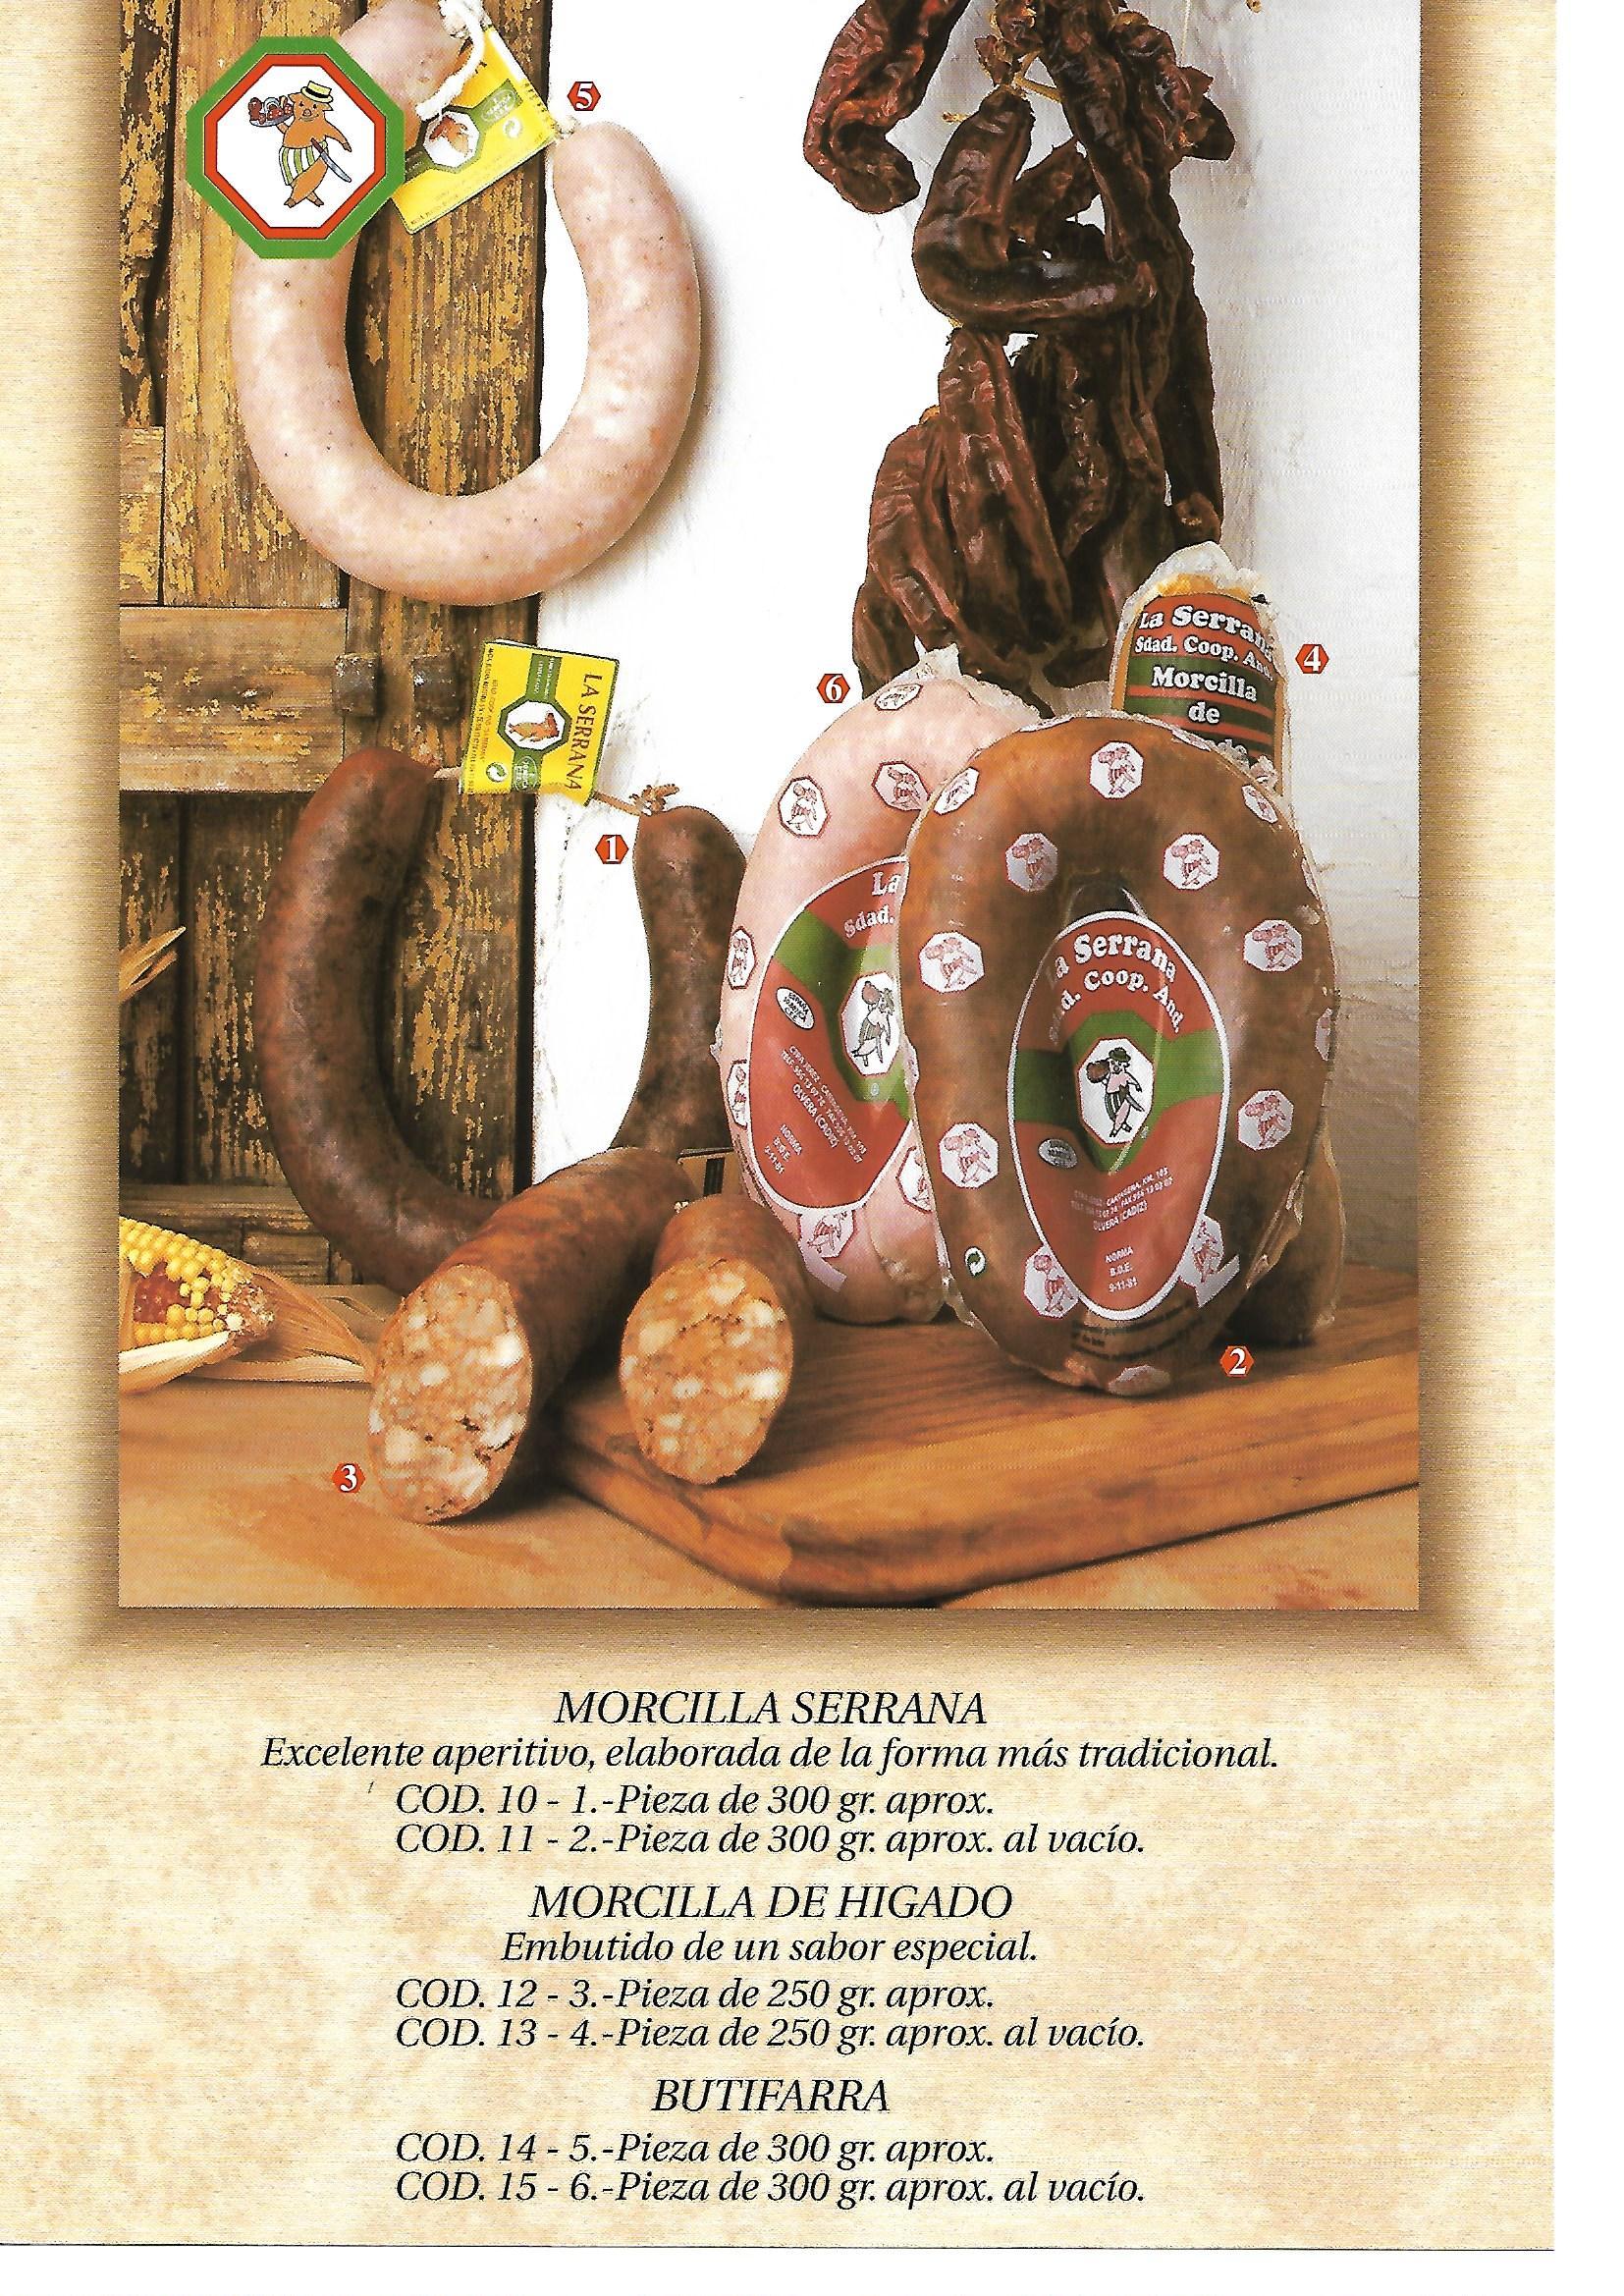 Butifarra Olvera La serrana Embutidos tradicionales